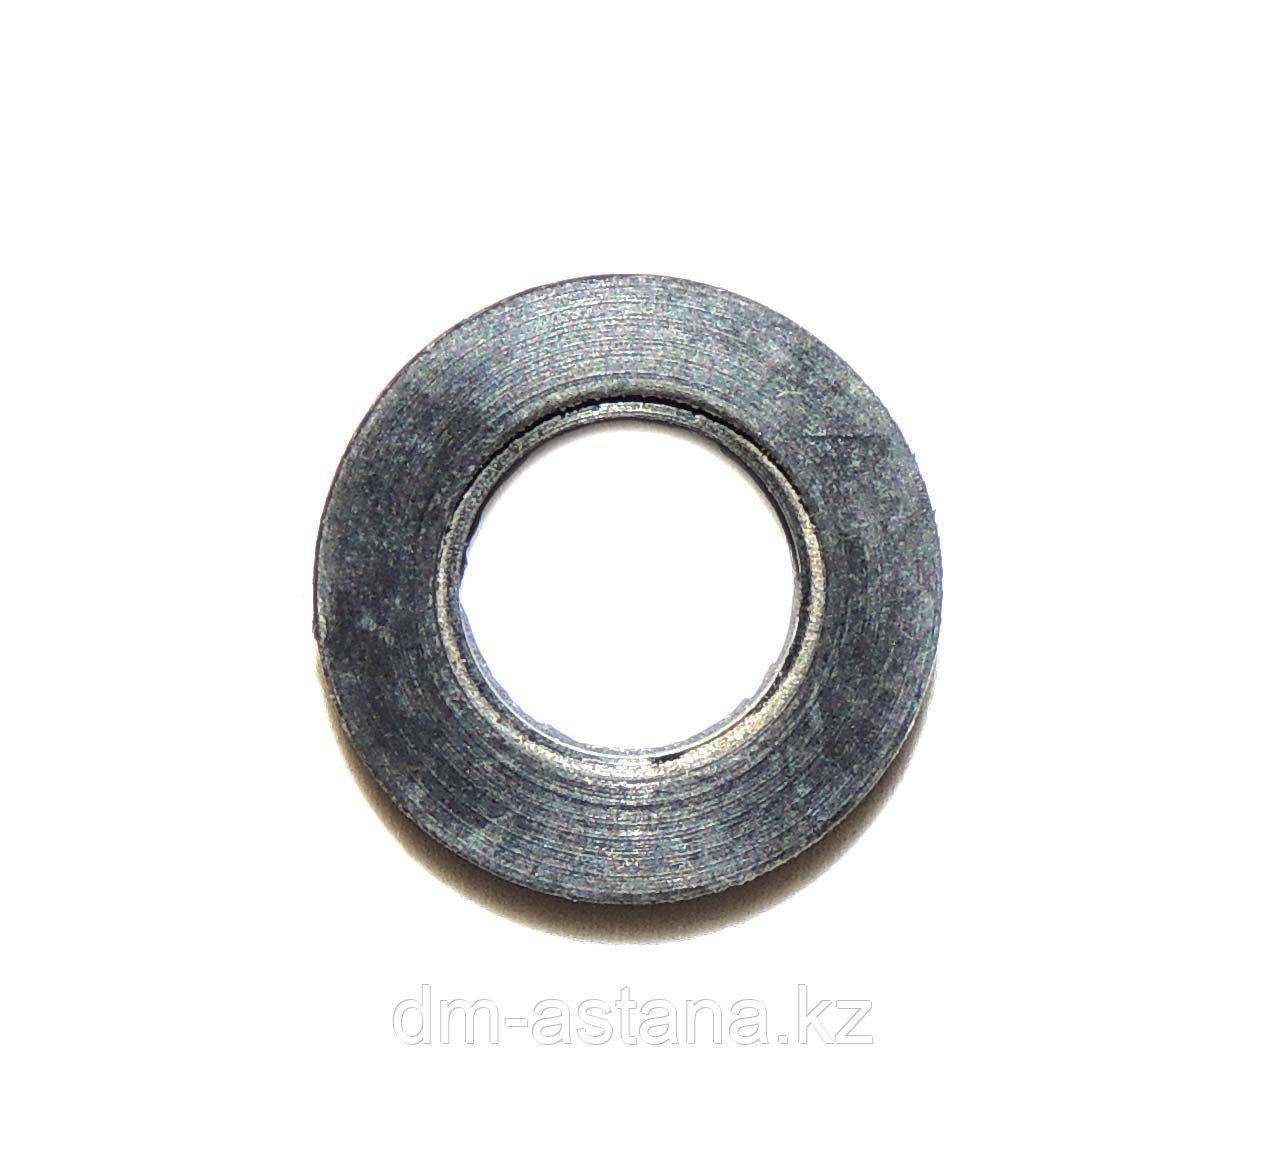 Кольцо NORDBERG 2941104-02070-0 (402) для гайковерта NORDBERG IT260